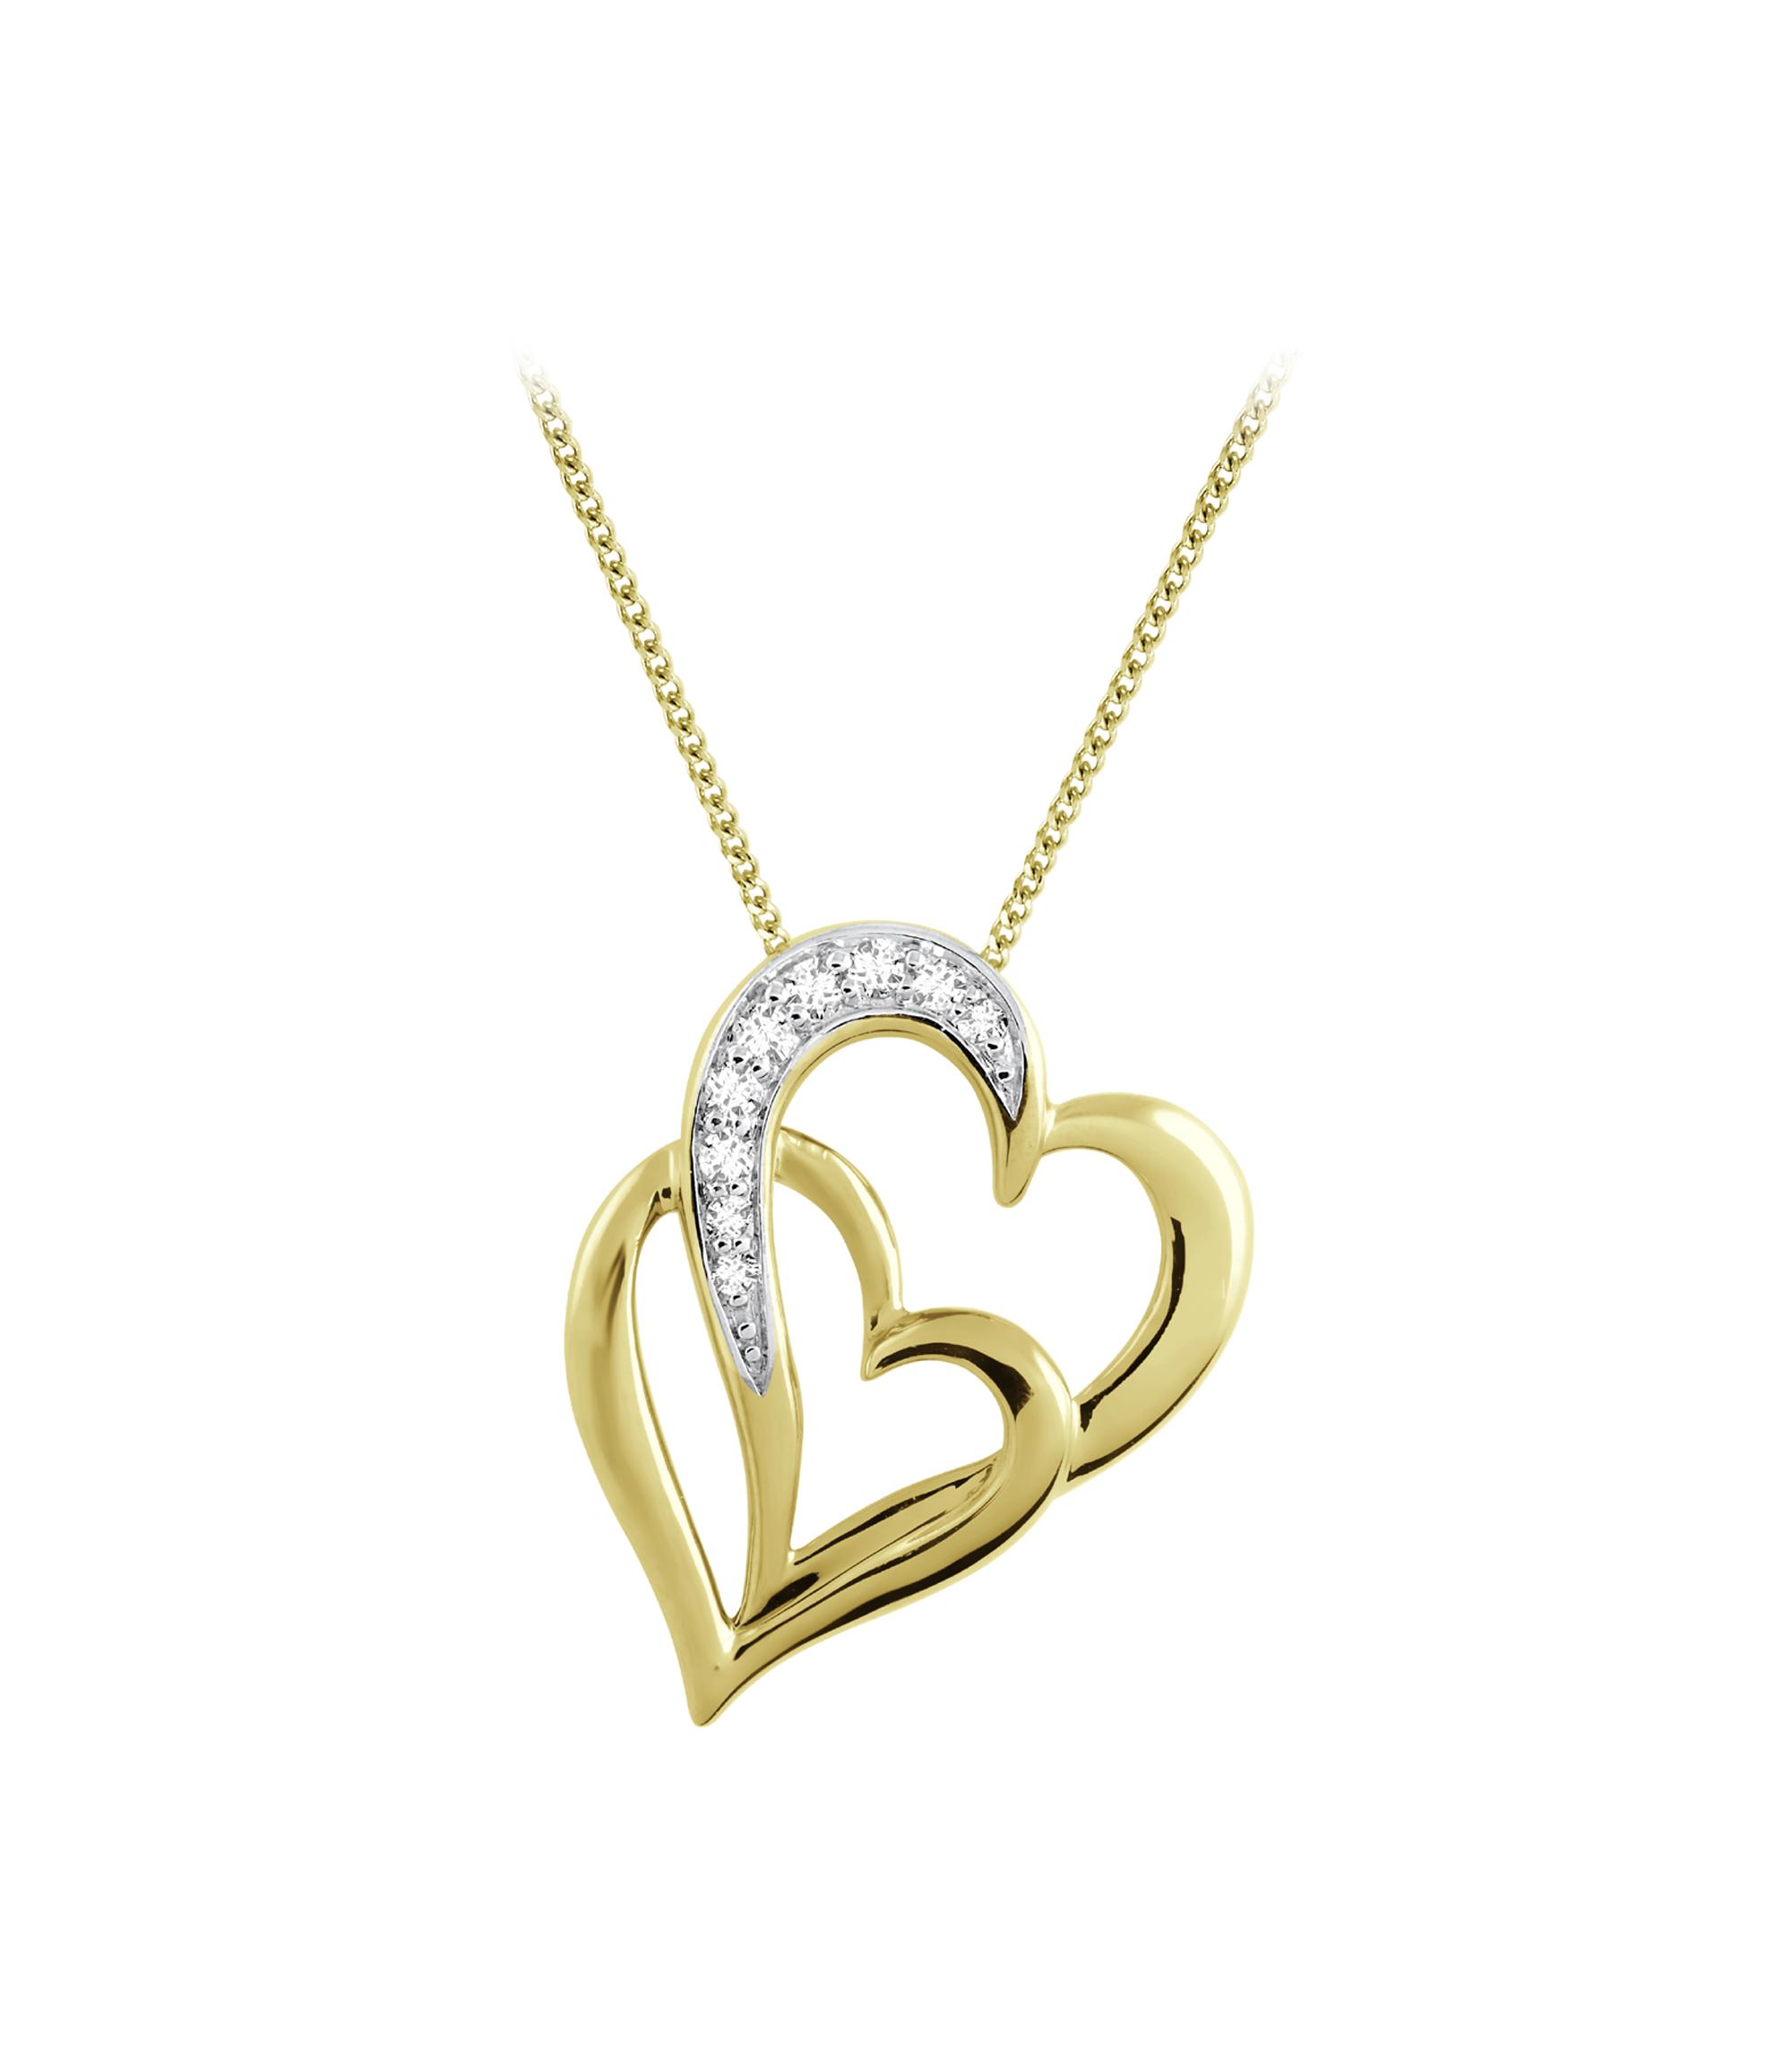 Pendentif coeur sertis de diamants totalisant 0.07 Carats Pureté:I Couleur:GH - en or jaune 10K - Chaîne incluse